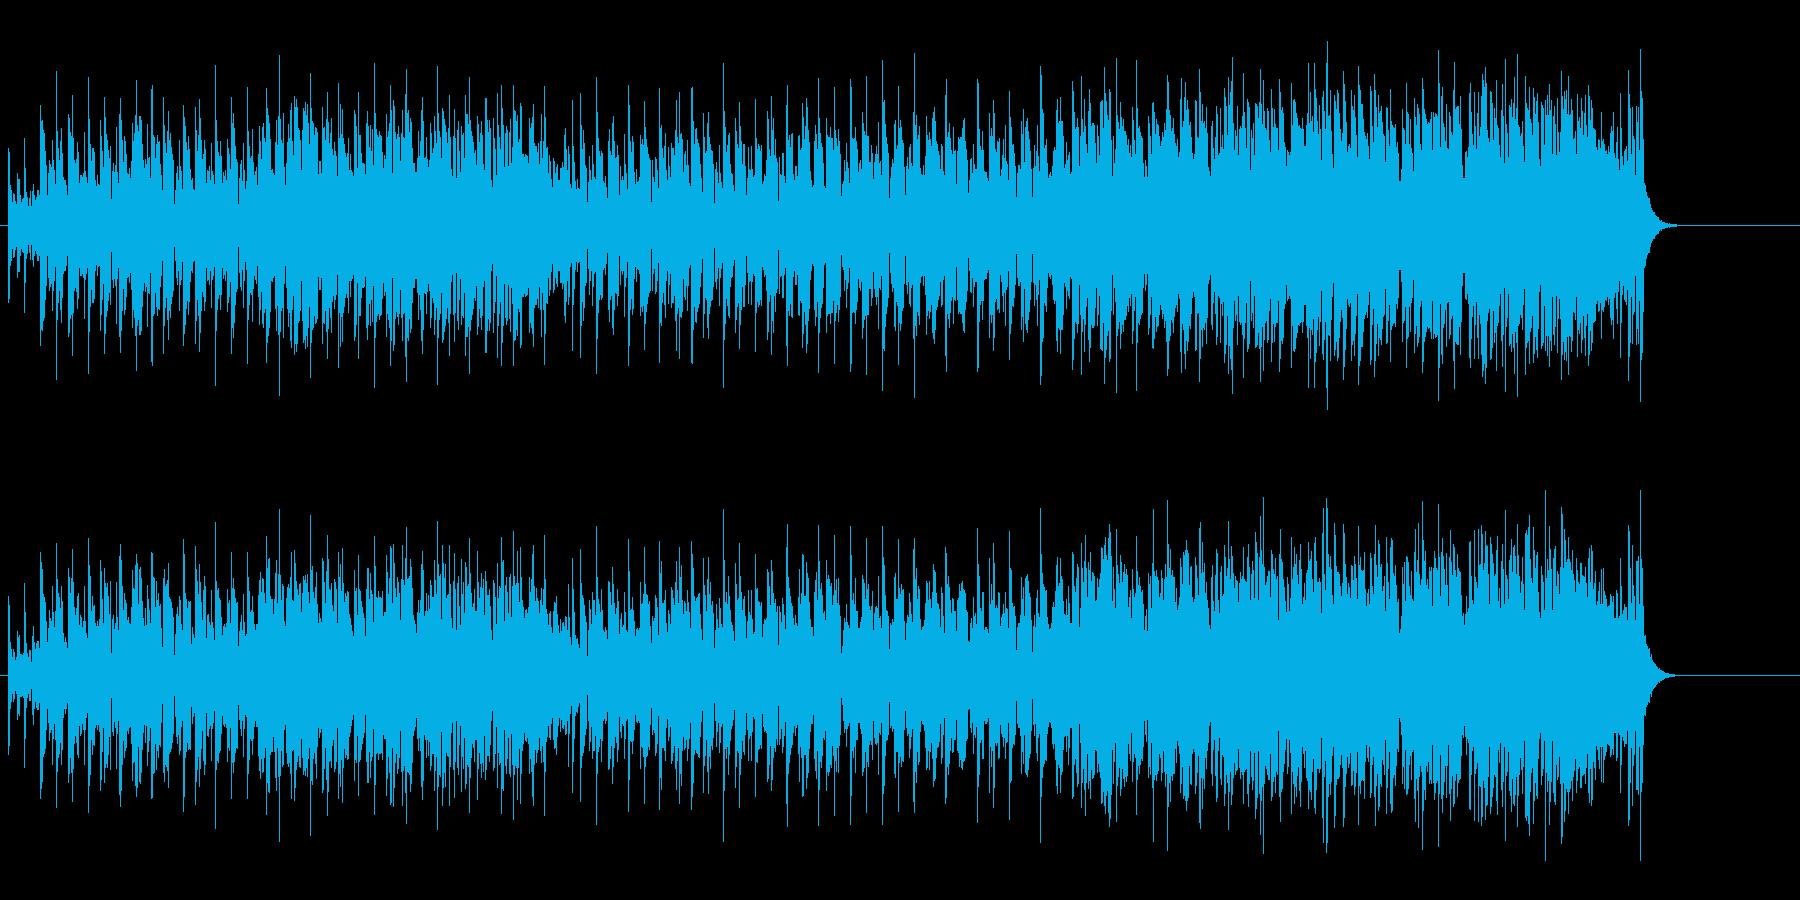 程良いフィーリングを持ったポップ・ロックの再生済みの波形